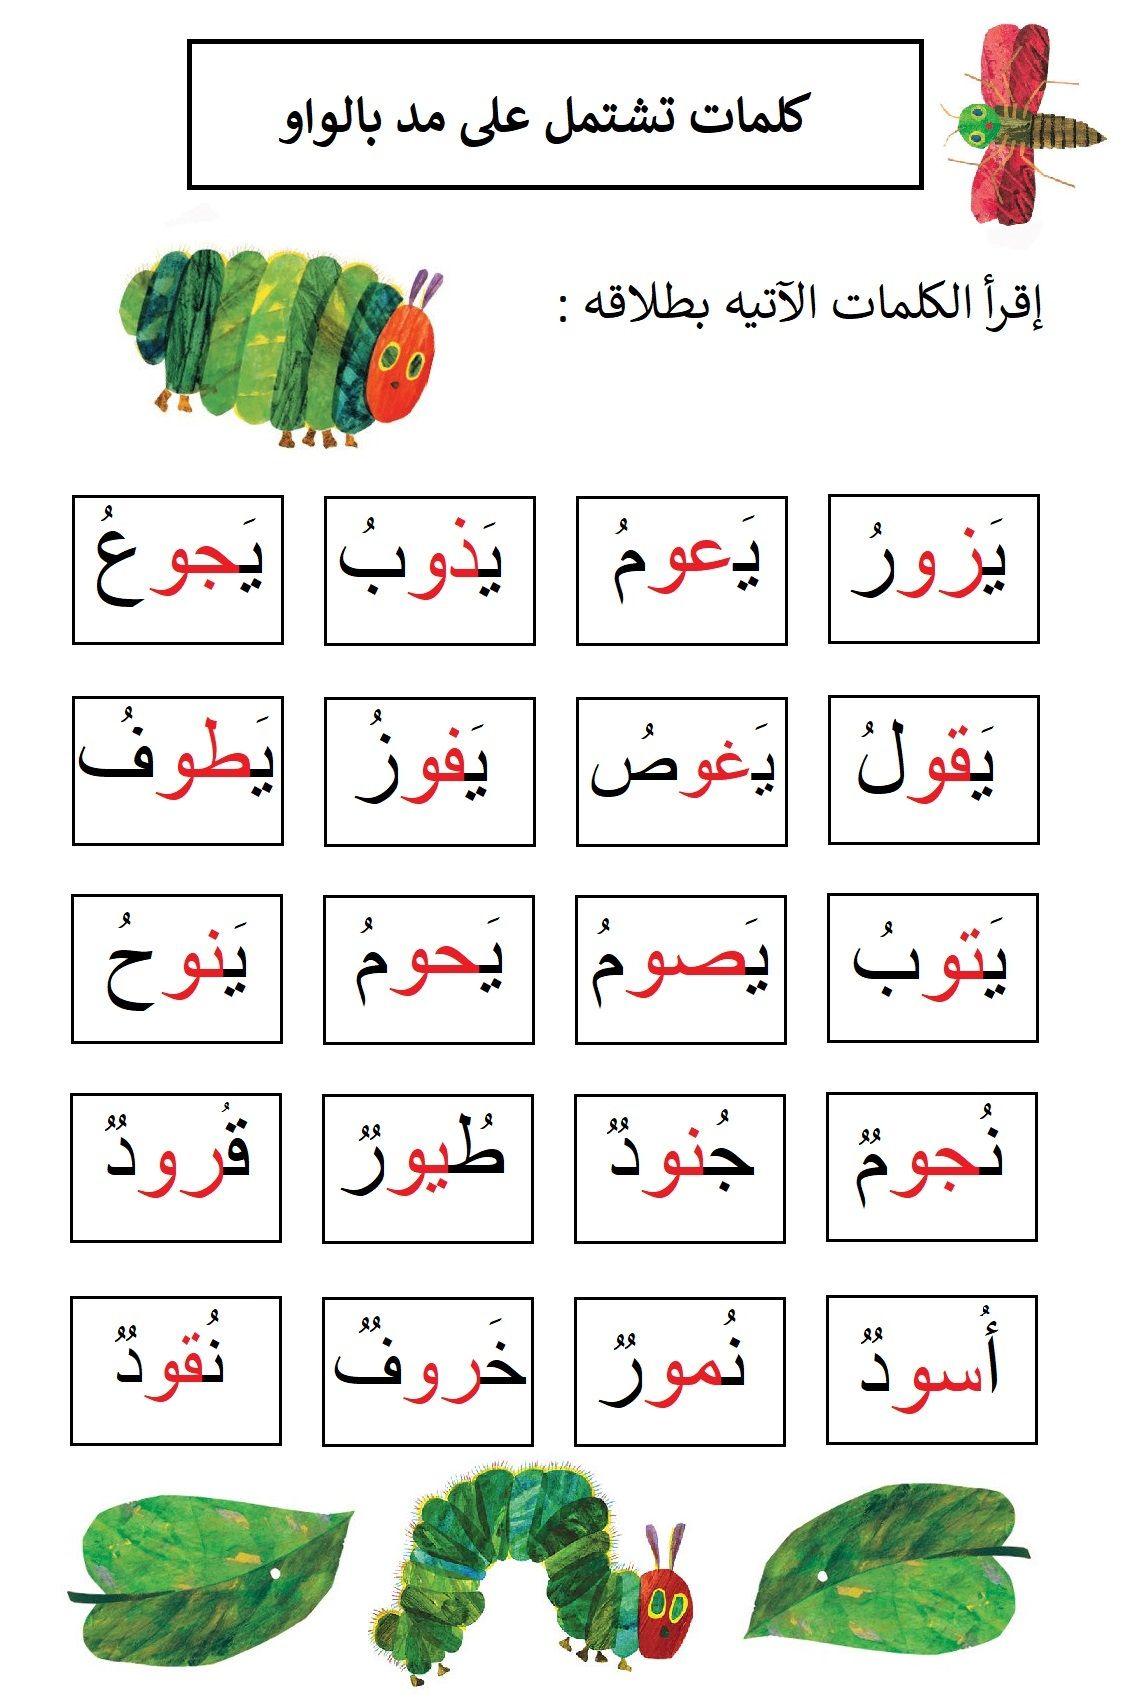 كلمات تشتمل على مد بالواو Learning Arabic Learn Arabic Alphabet Arabic Resources